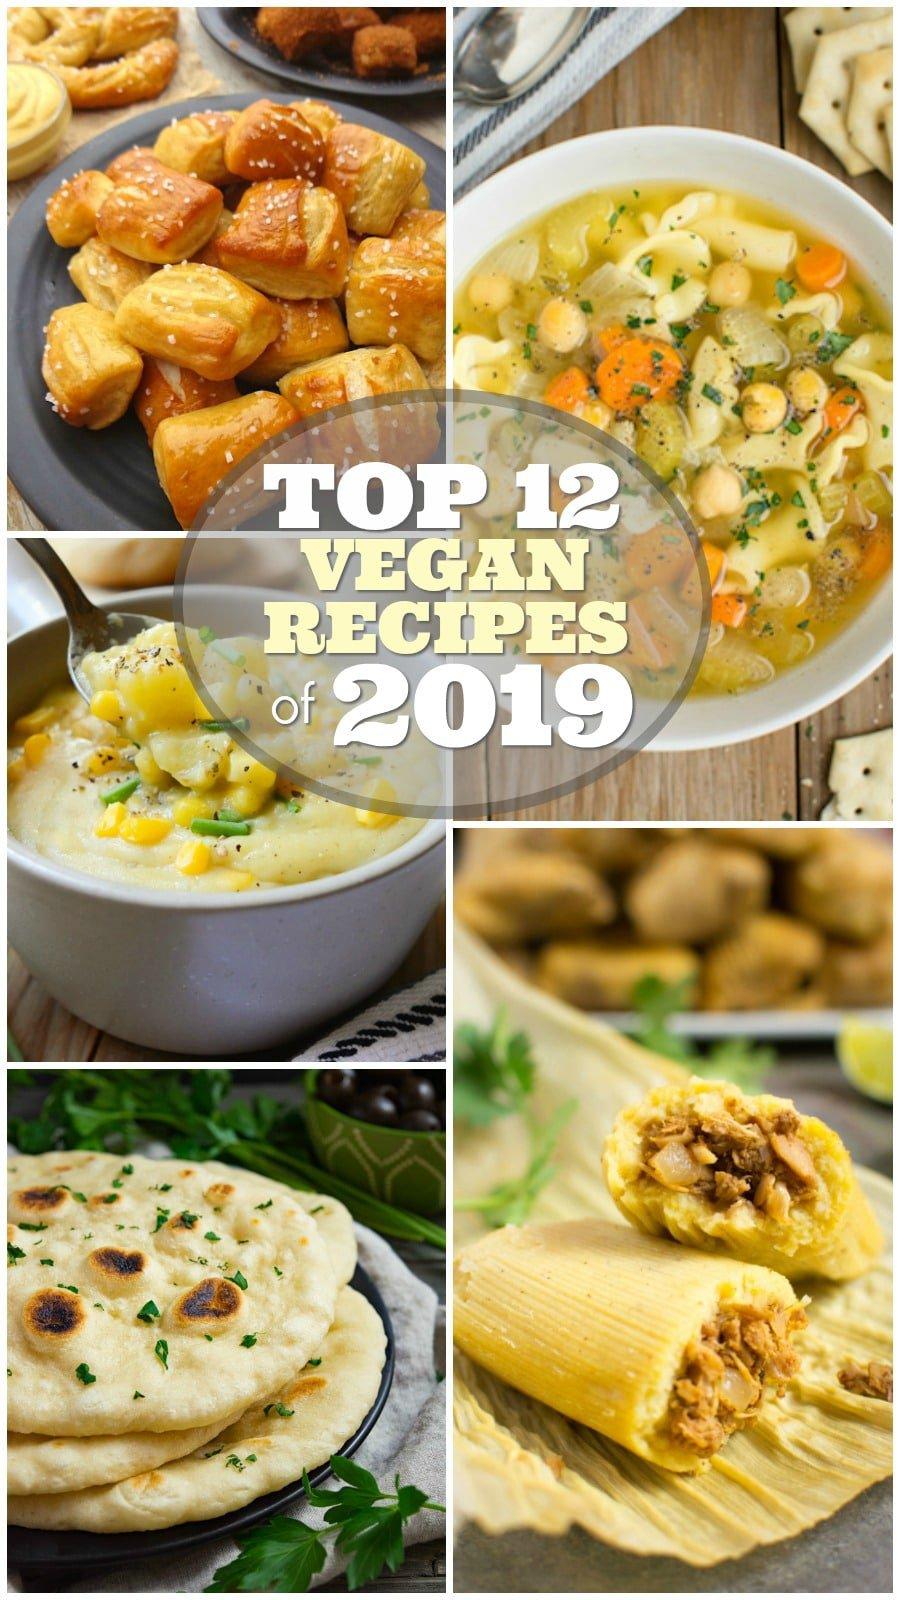 Top 12 vegan recipes of 2019 collage